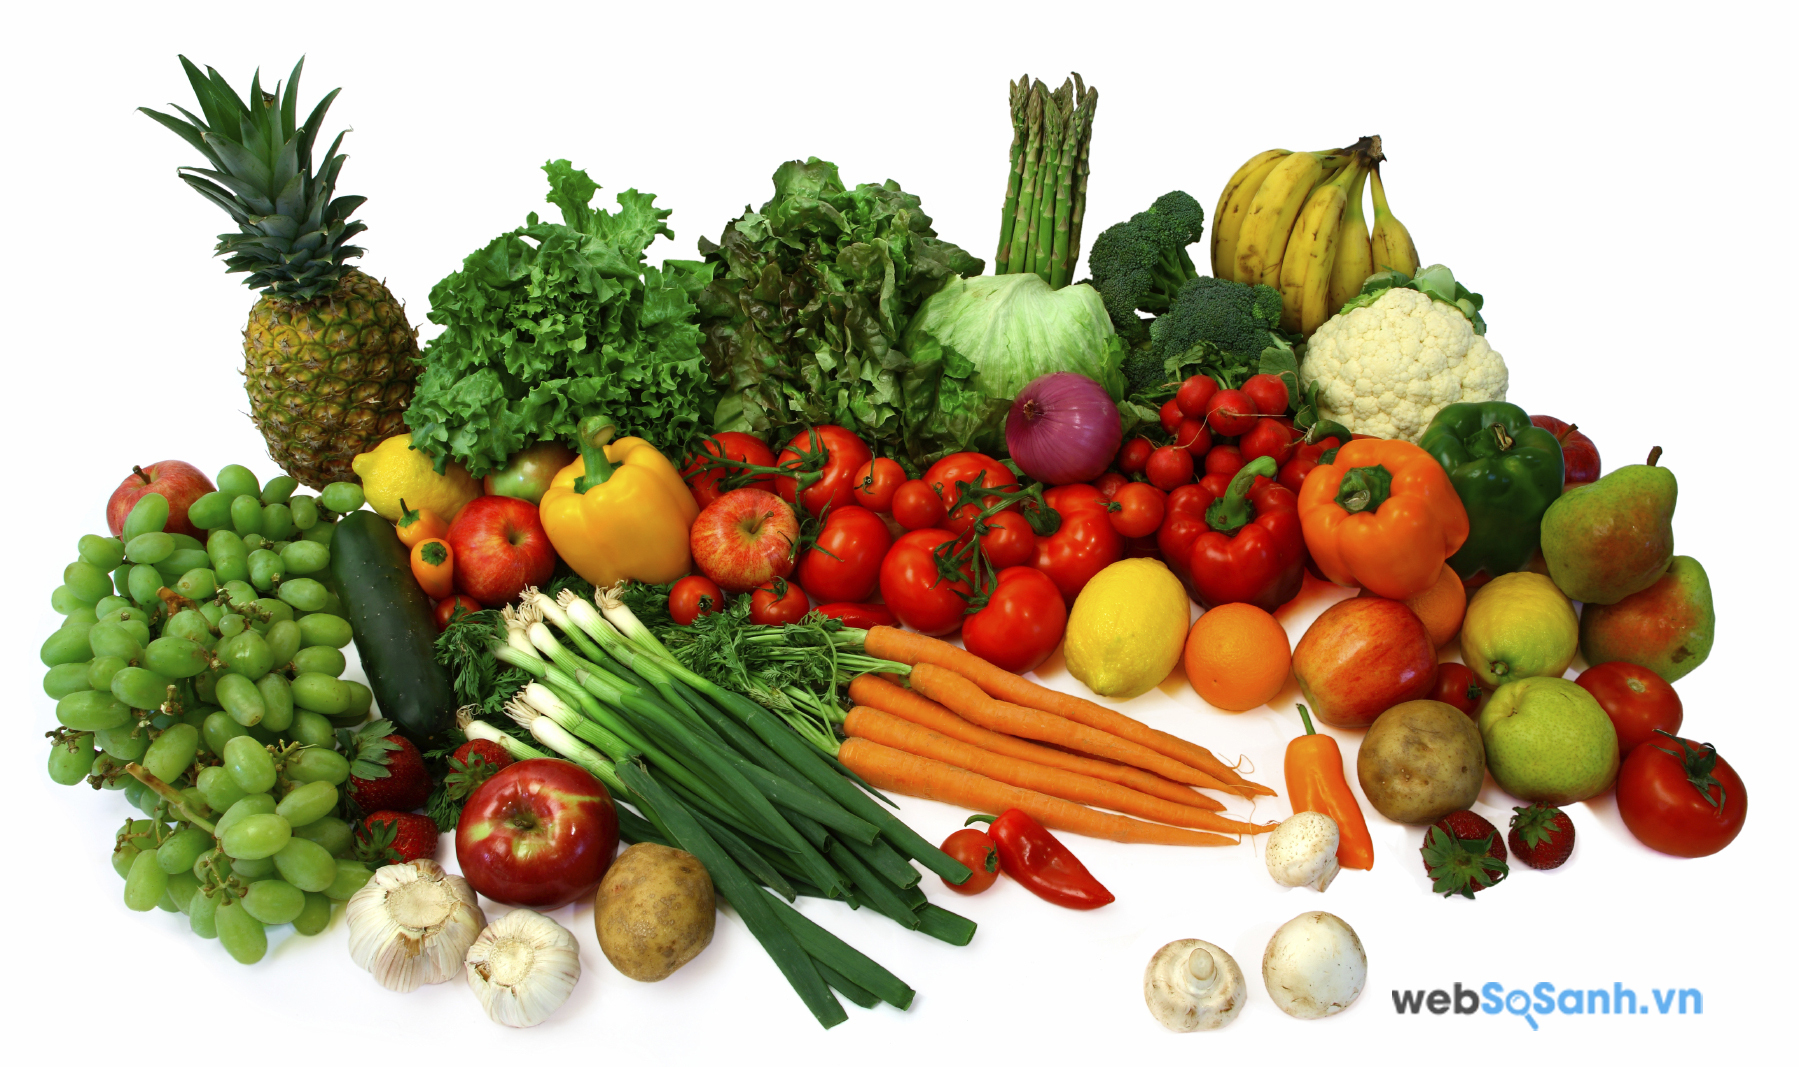 Bổ sung hoa quả giàu vitamin C,,A rất tốt cho người bị thủy đậu